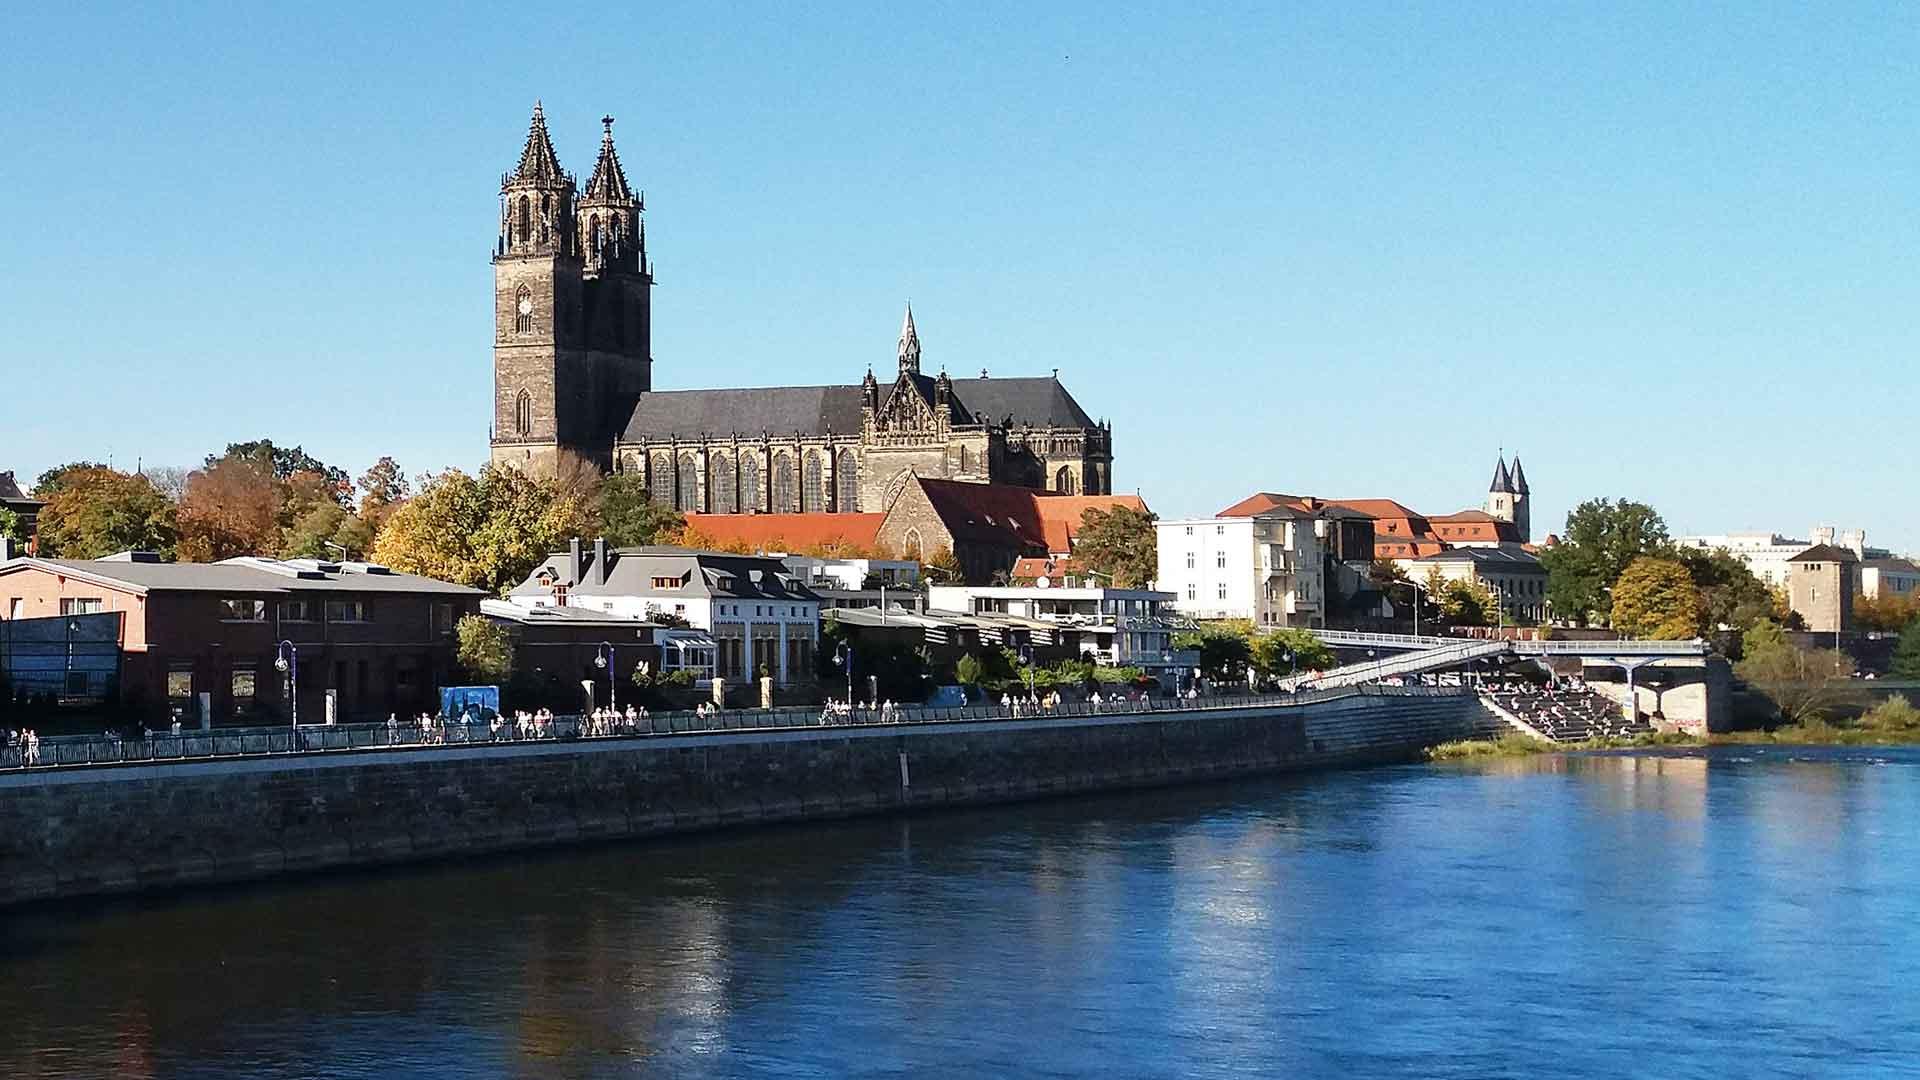 De Dom van Magdeburg.